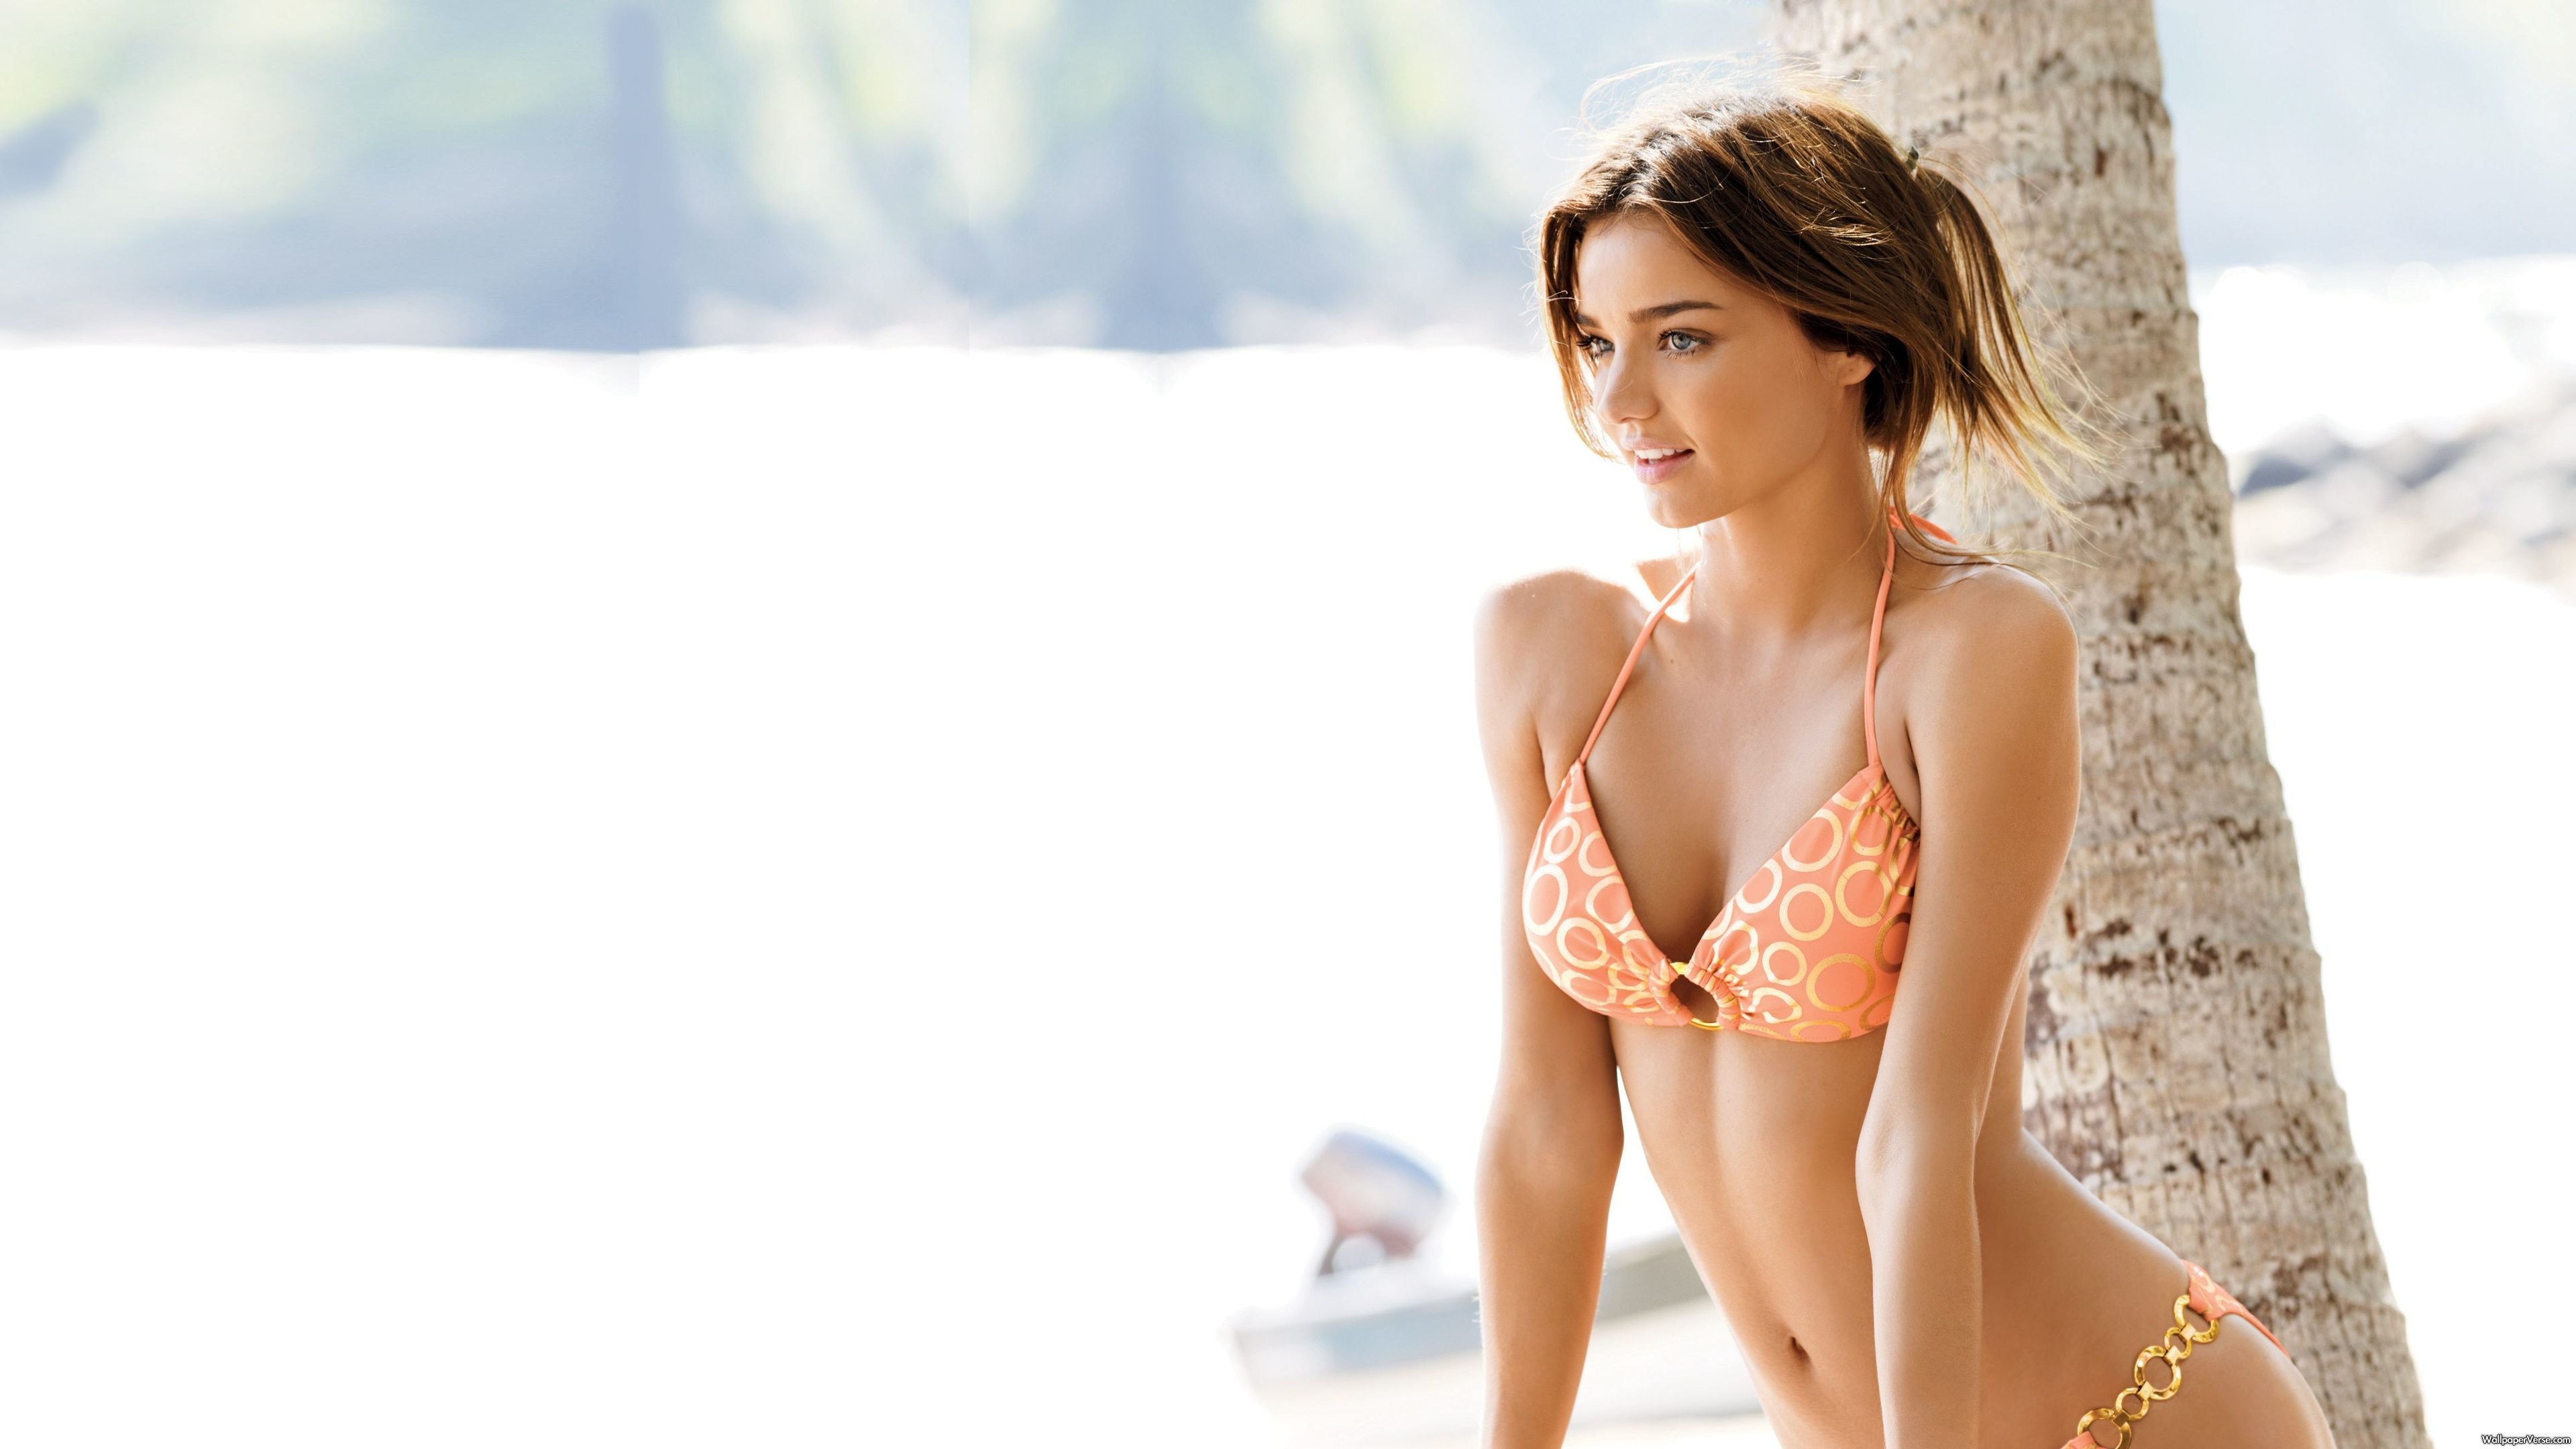 Permalink to Miranda Kerr Wallpaper Beach